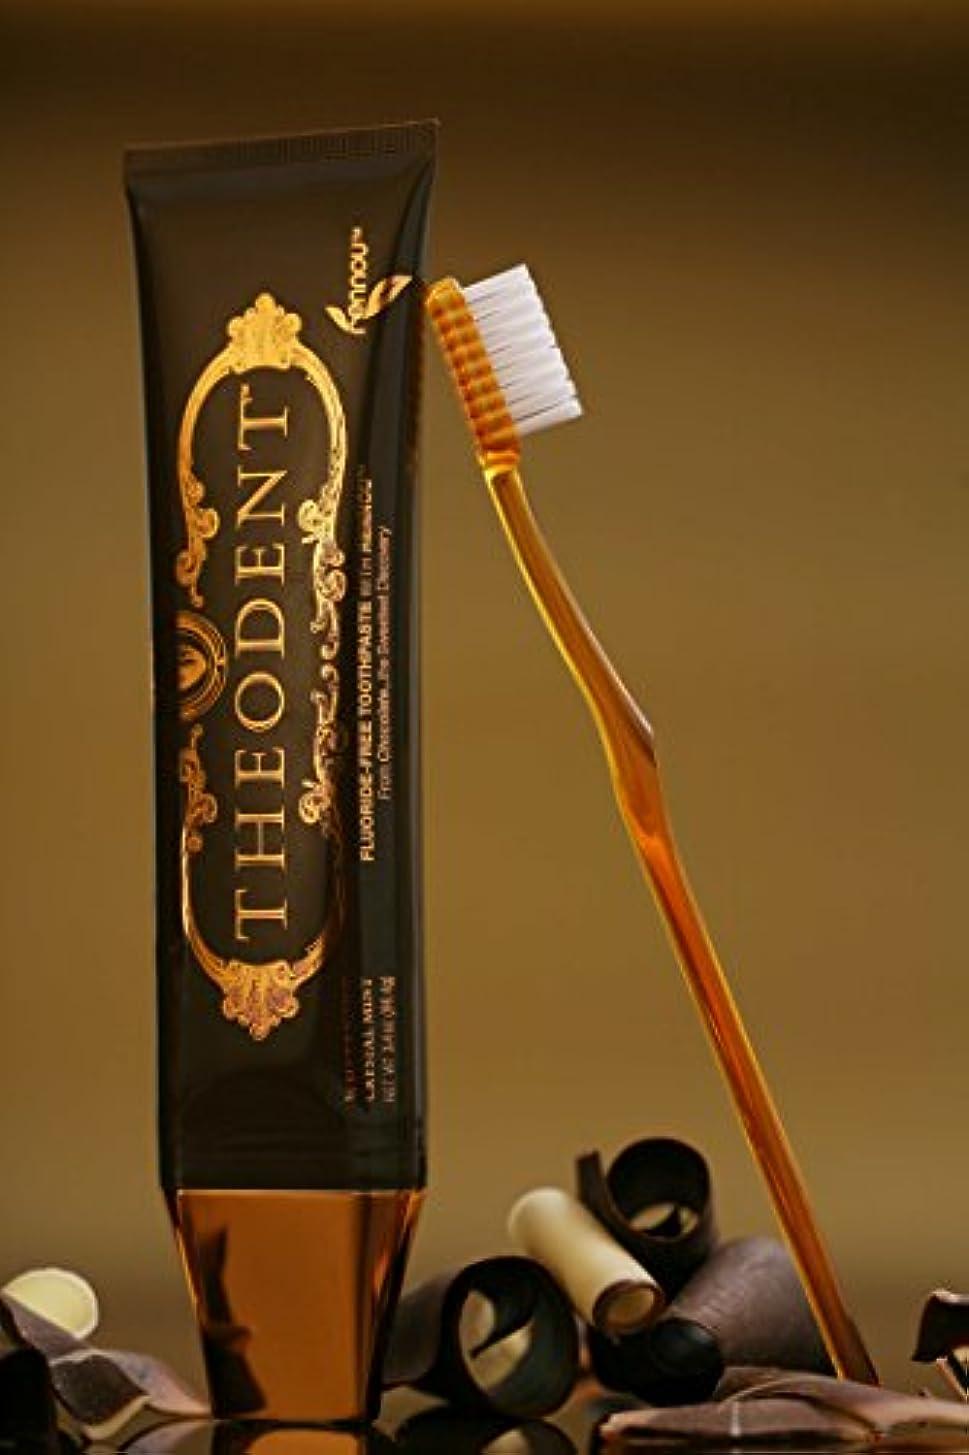 フェザー師匠請願者THEODENT(テオデント) 天然カカオが歯を白く☆フッ化物なしで安心歯磨き96g×2本セット 海外直送品